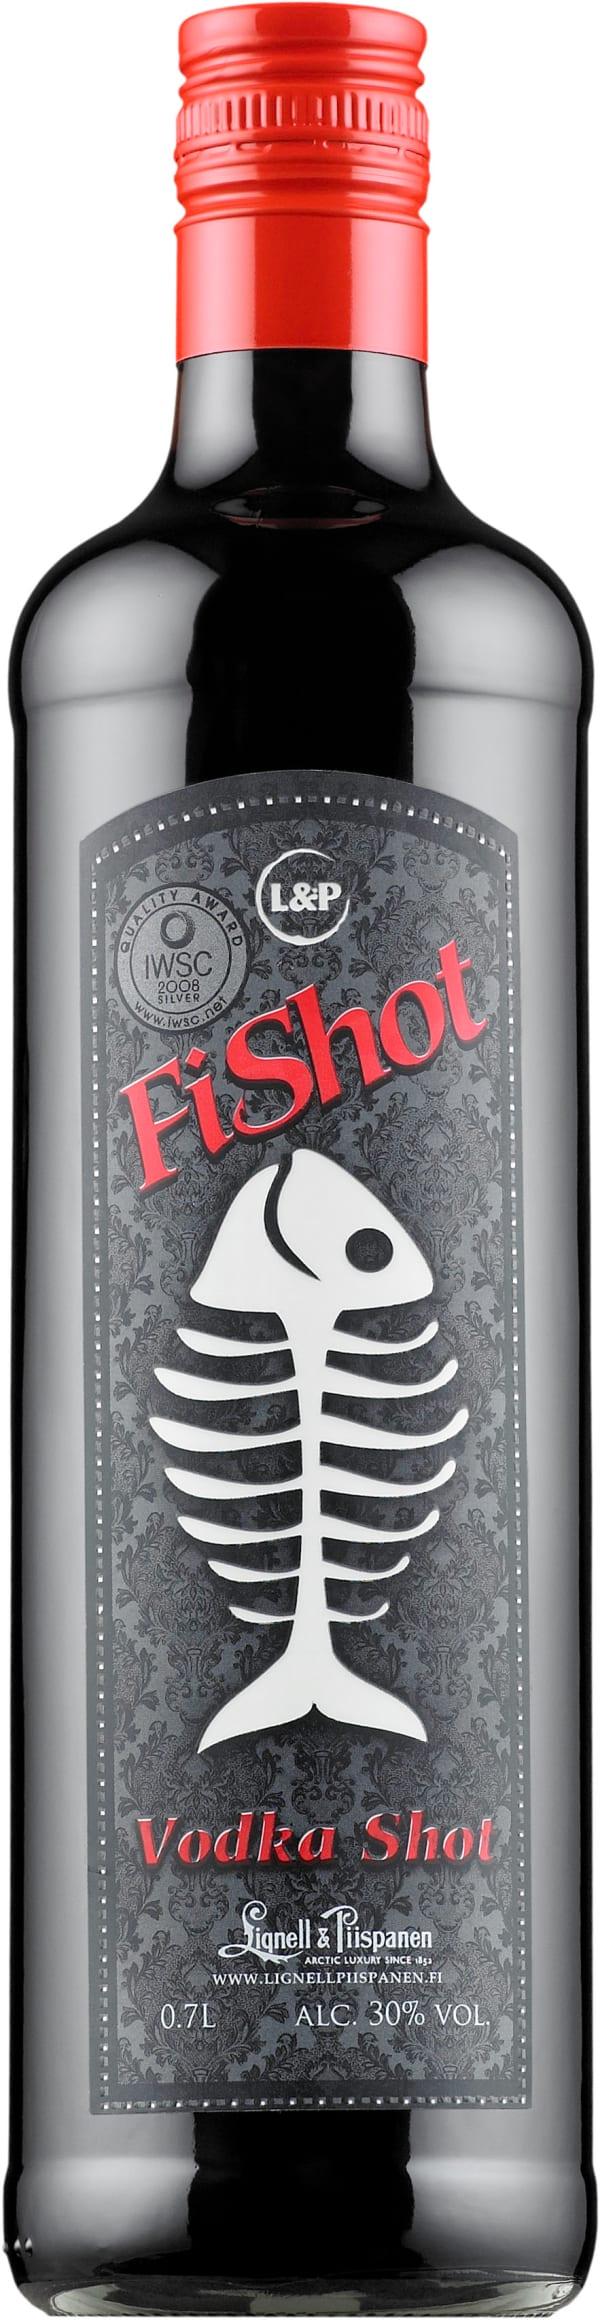 FiShot Vodka Shot